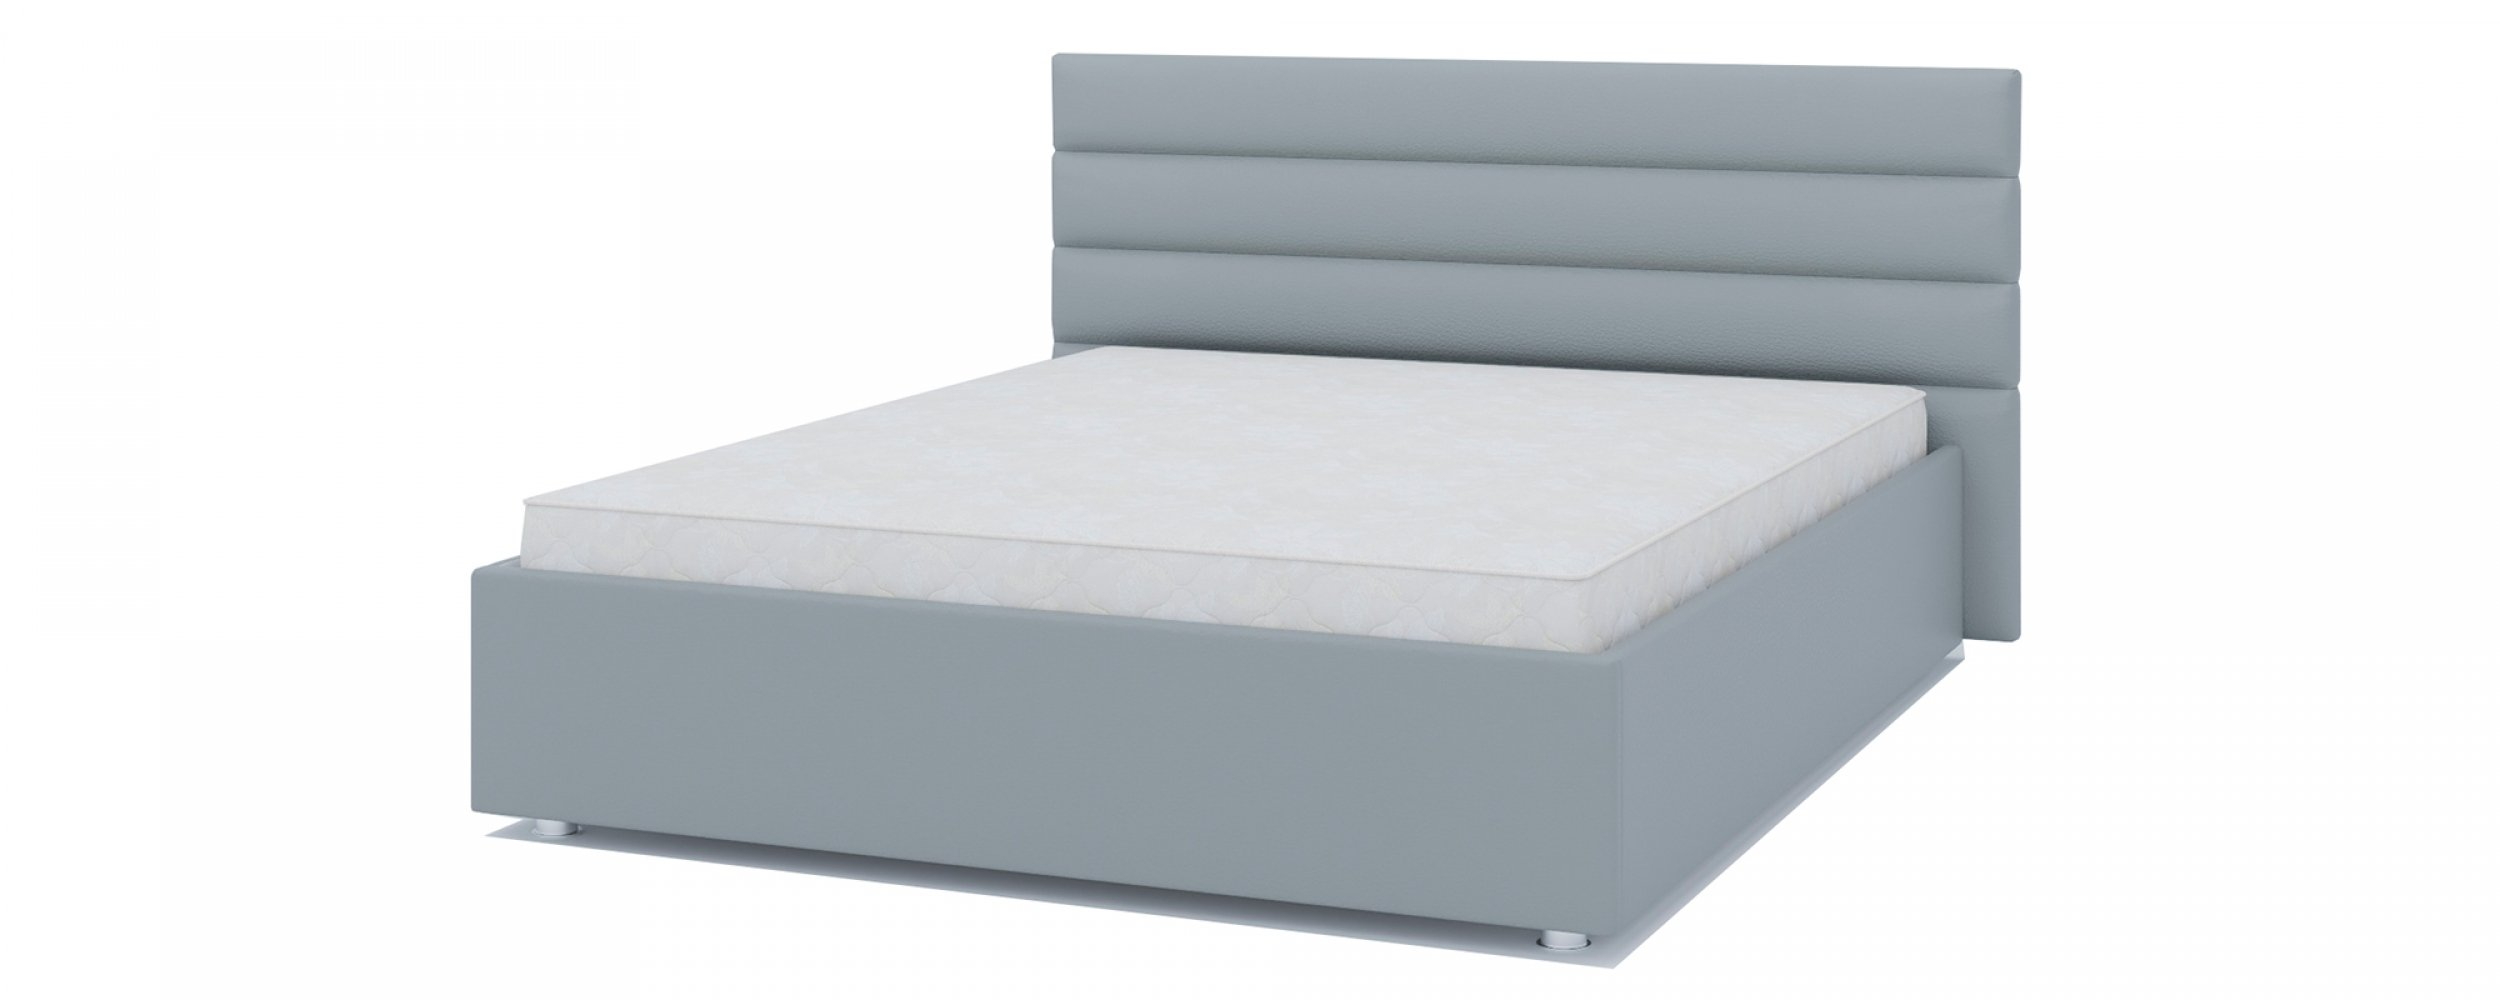 Ліжко-подіум Лідер - купити c0144a913b48b